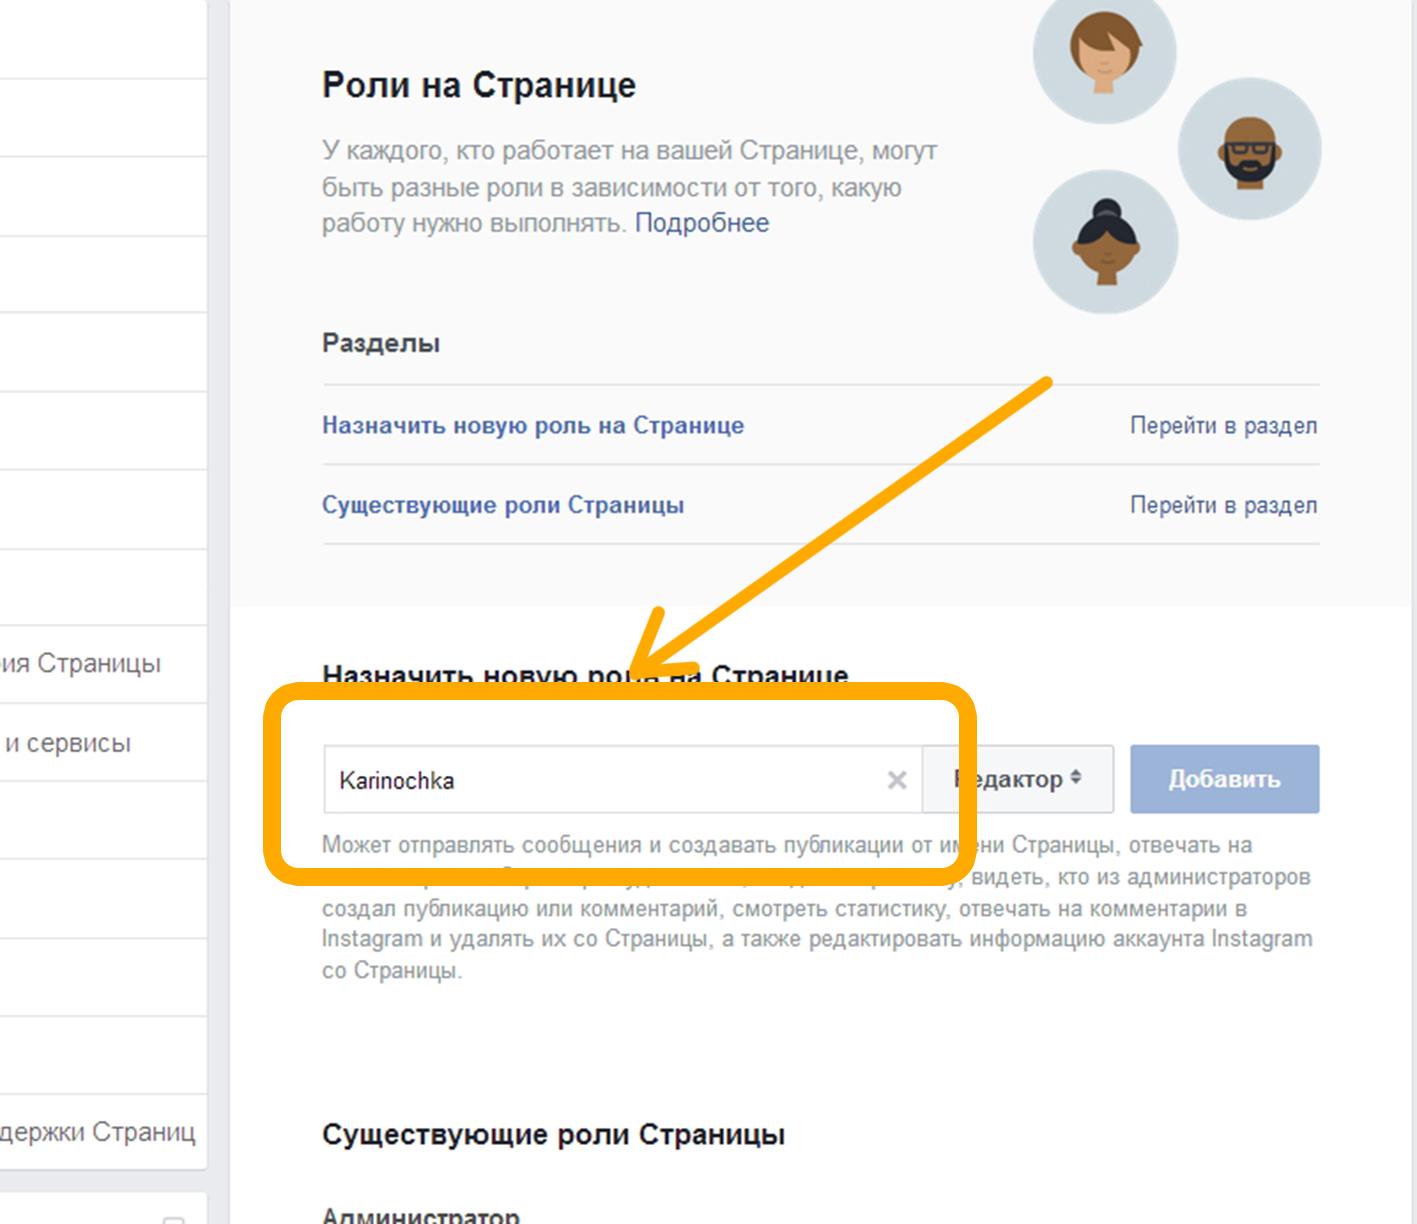 Внешний вид меню, отвечающего за предоставление новым пользователям прав администратора или редактора на странице Фейсбук.